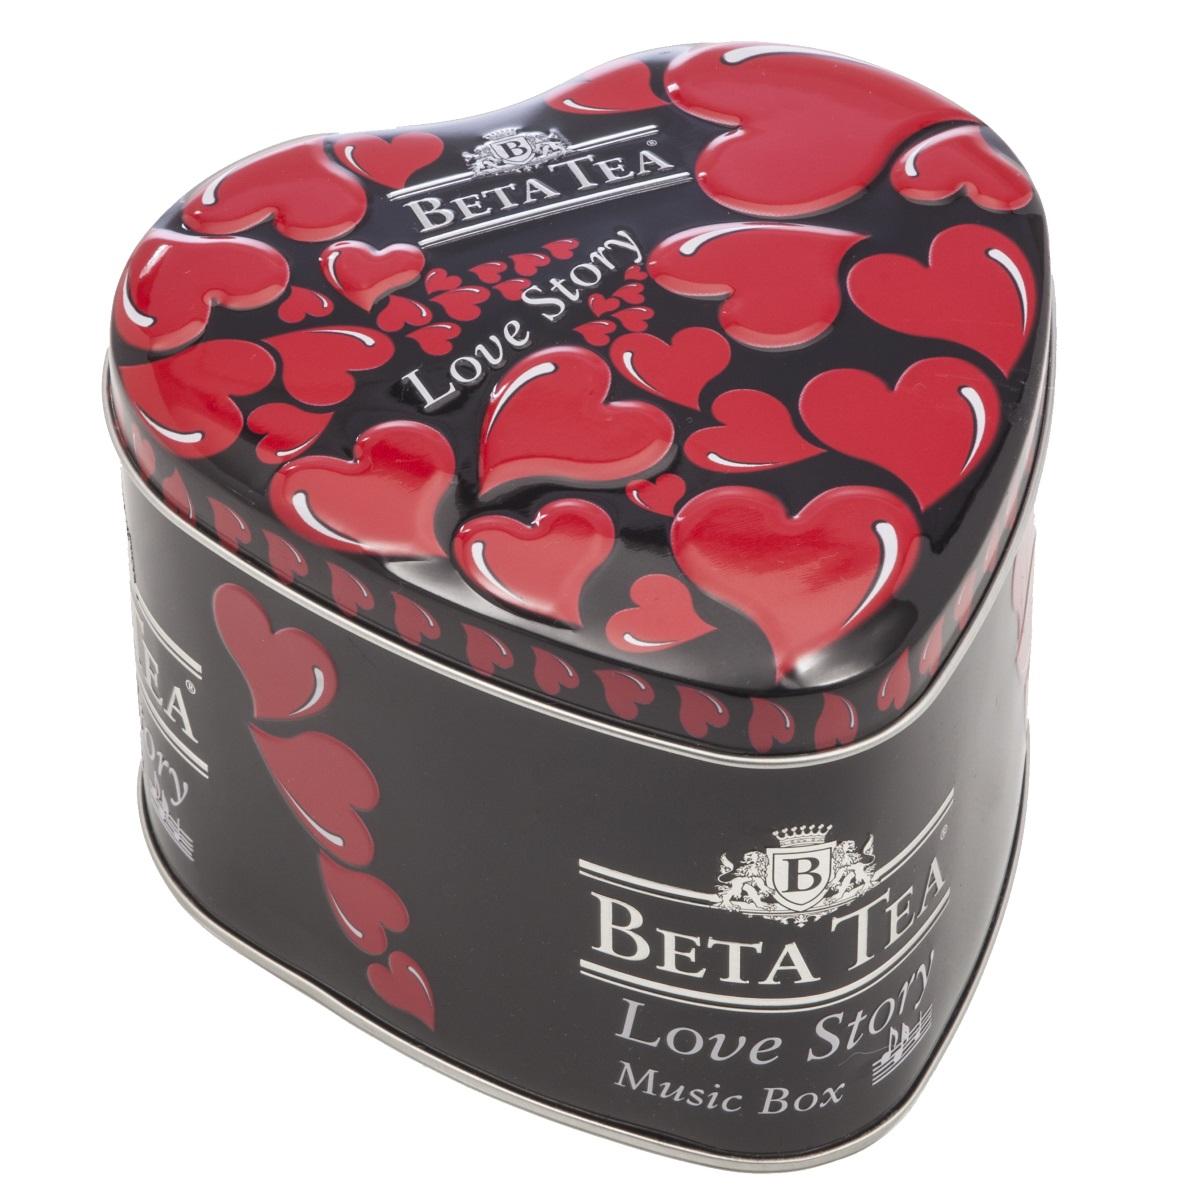 Beta Tea Любовная история черный чай, 100 г (музыкальная шкатулка)8690717006178Черный цейлонский байховый среднелистовой чай Beta Любовная история. Оригинальная упаковка чая в виде сердца с музыкальным механизмом станет идеальным подарком по любому поводу. Подарок от всего сердца - любовная история, сокрытая в музыкальной шкатулке с романтичной мелодией и огненно-красными символами страсти!